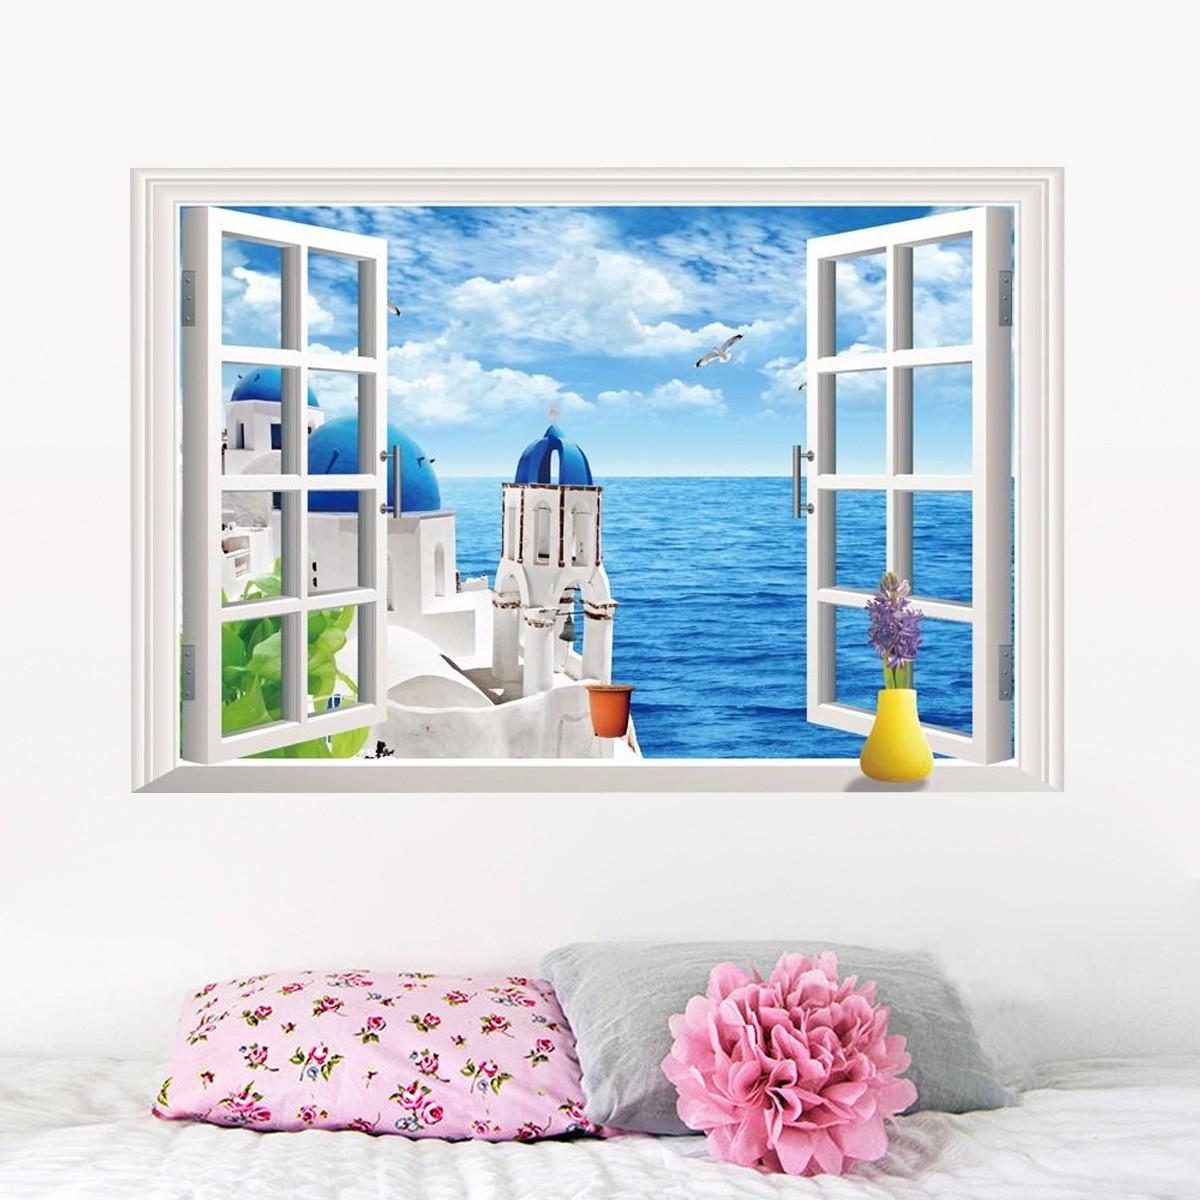 Beach Wall Decor Stickers : D ocean beach window wall sticker decals room decor vinyl